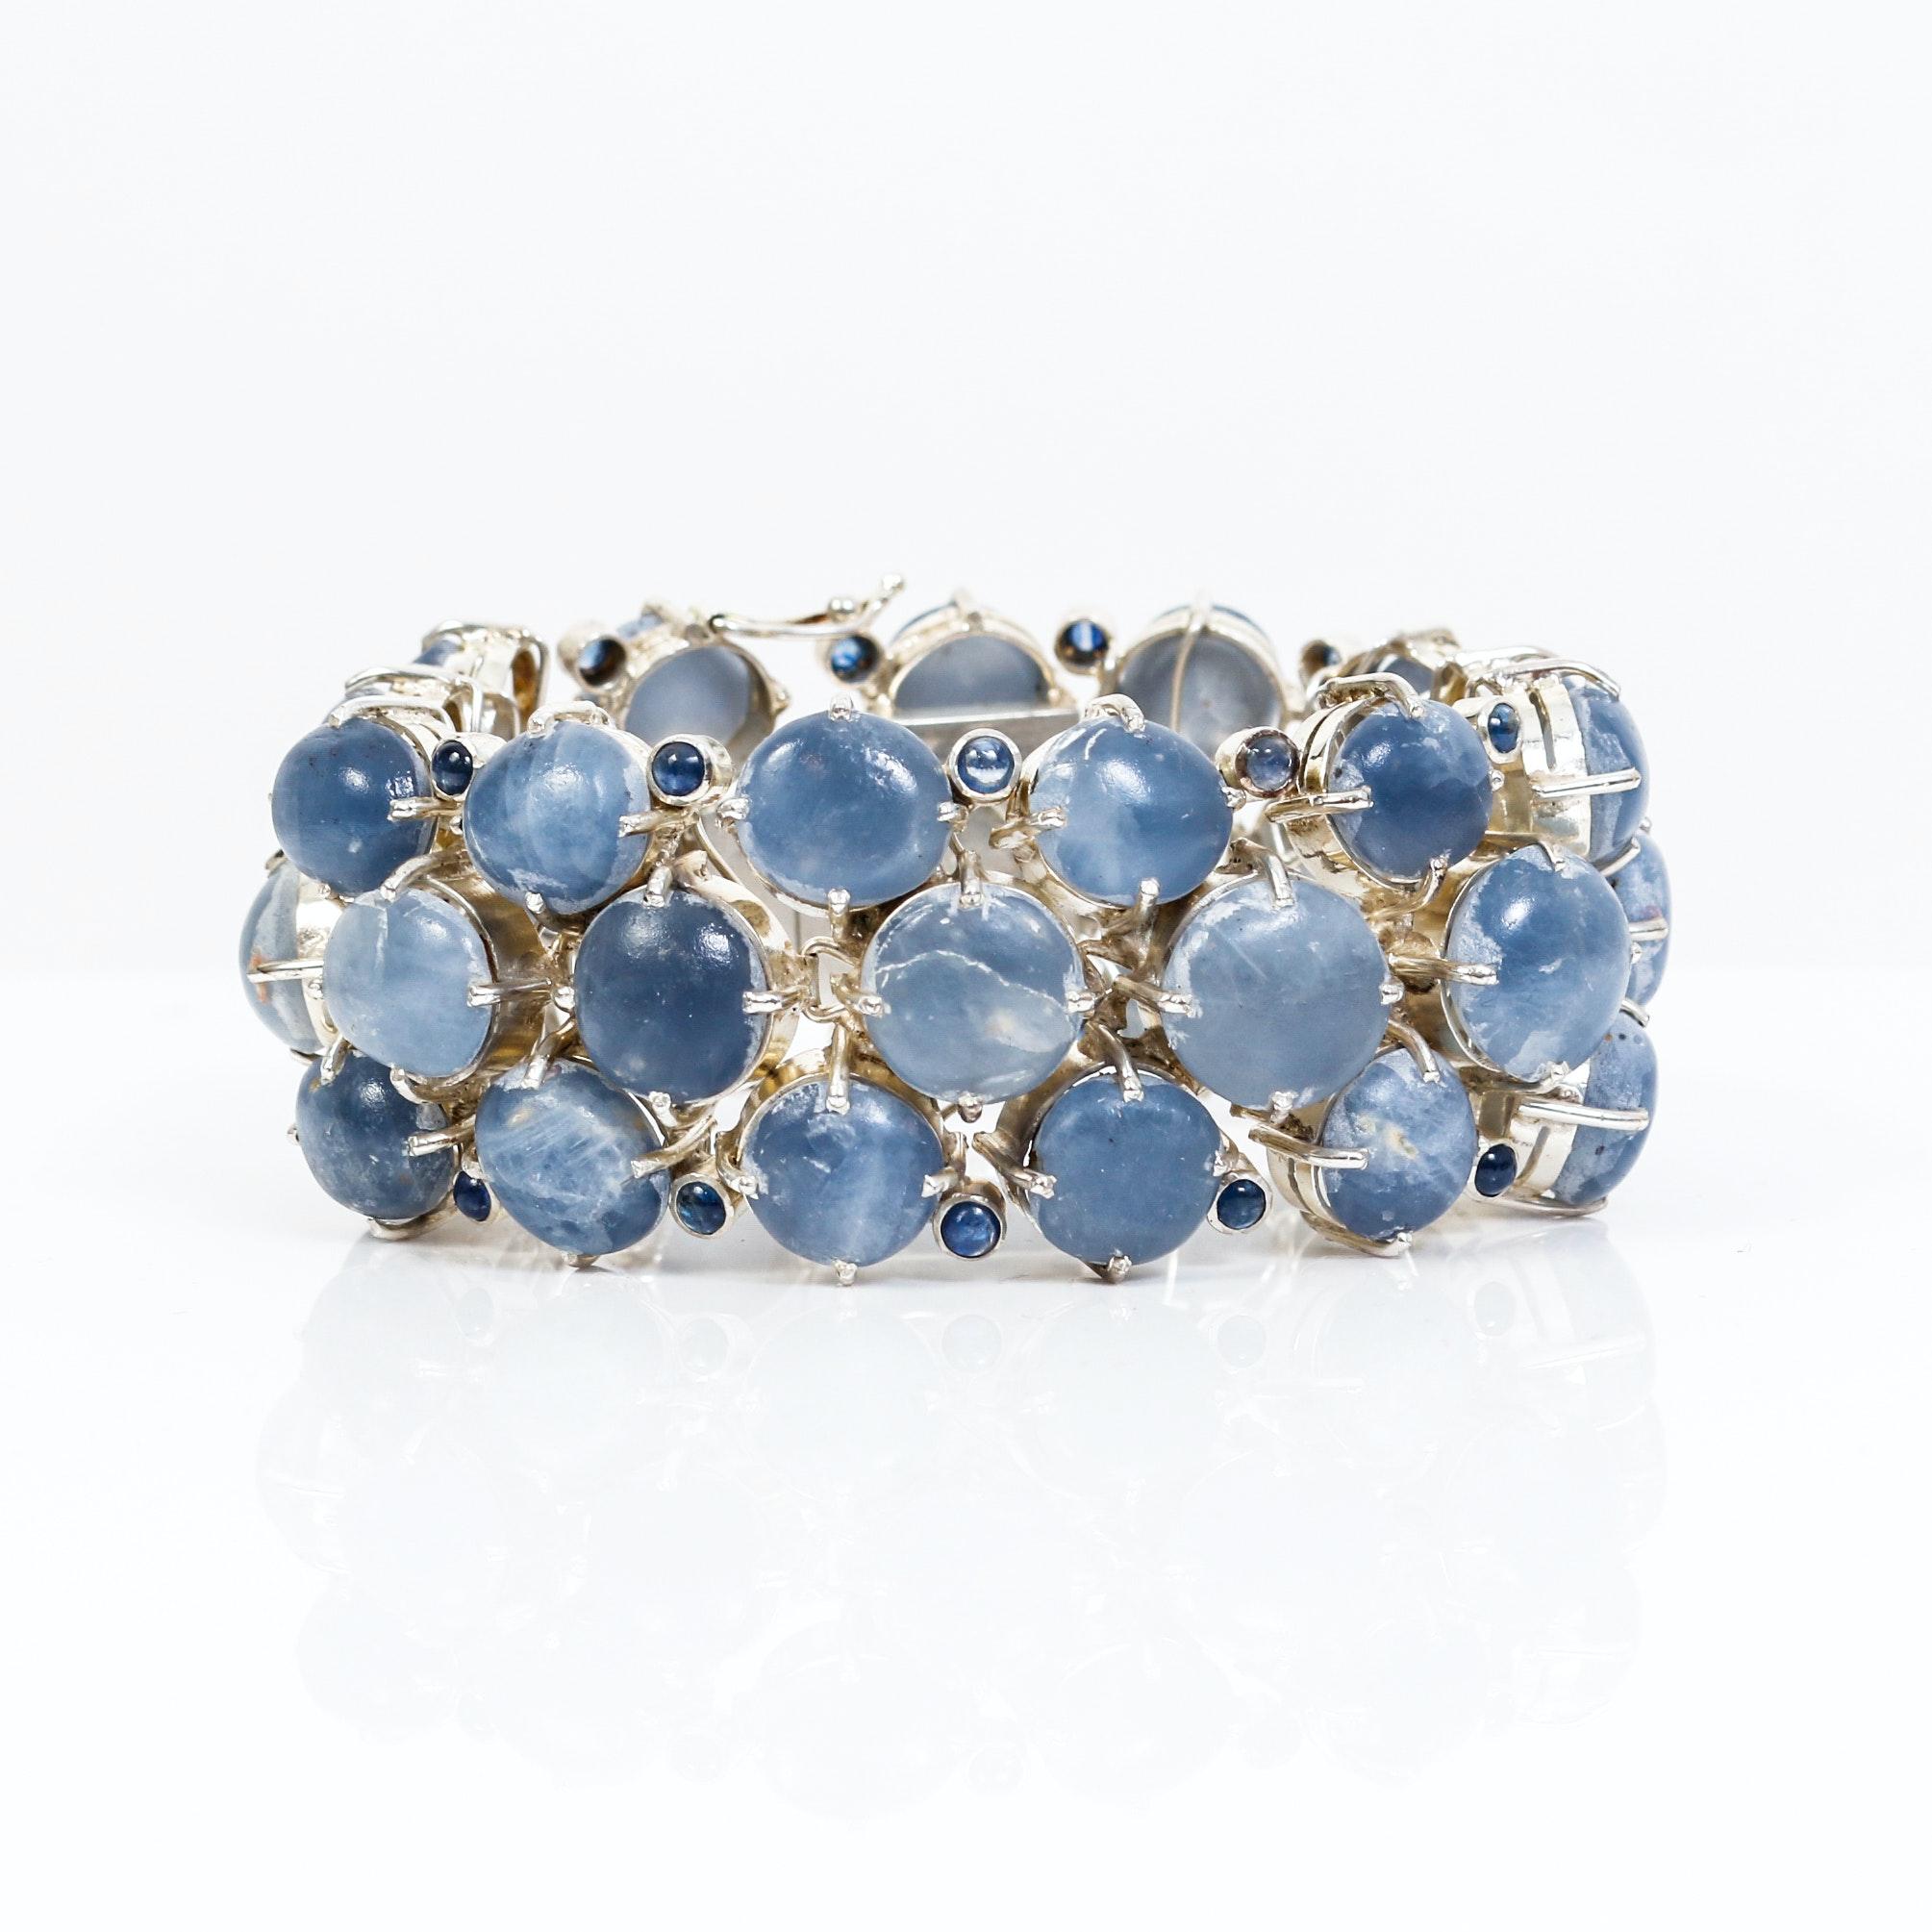 Vintage Quartz , Sapphire and Silver Bracelet